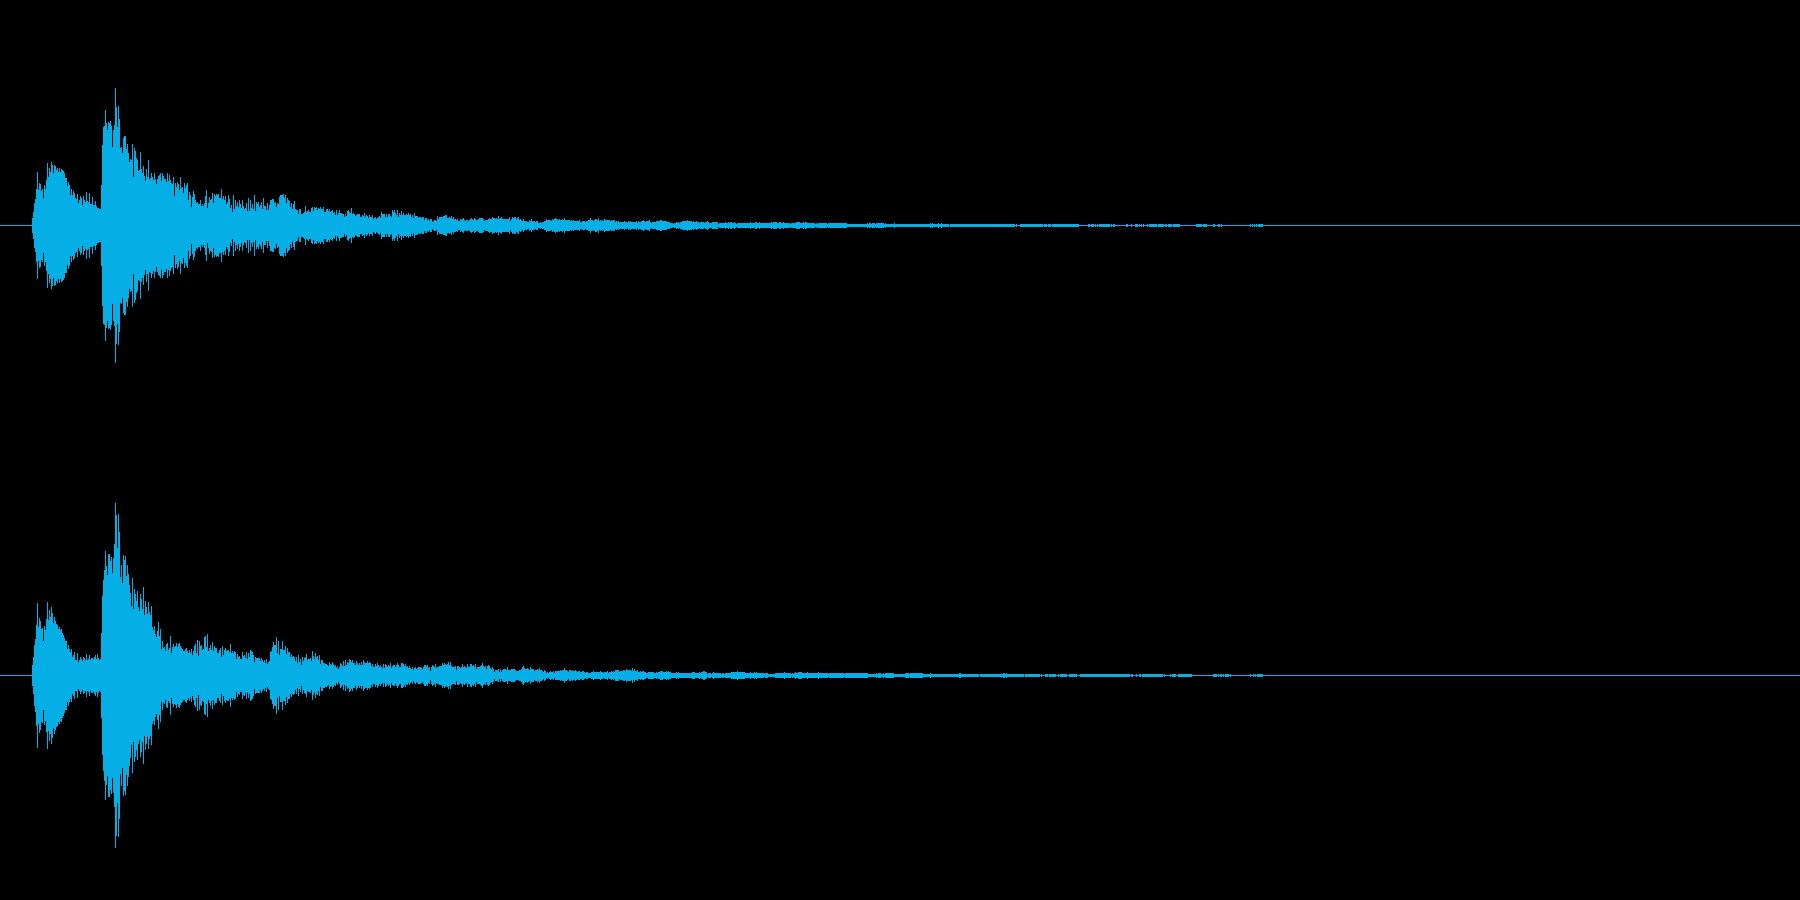 テロップ表示音~重音によるマイナー系~の再生済みの波形